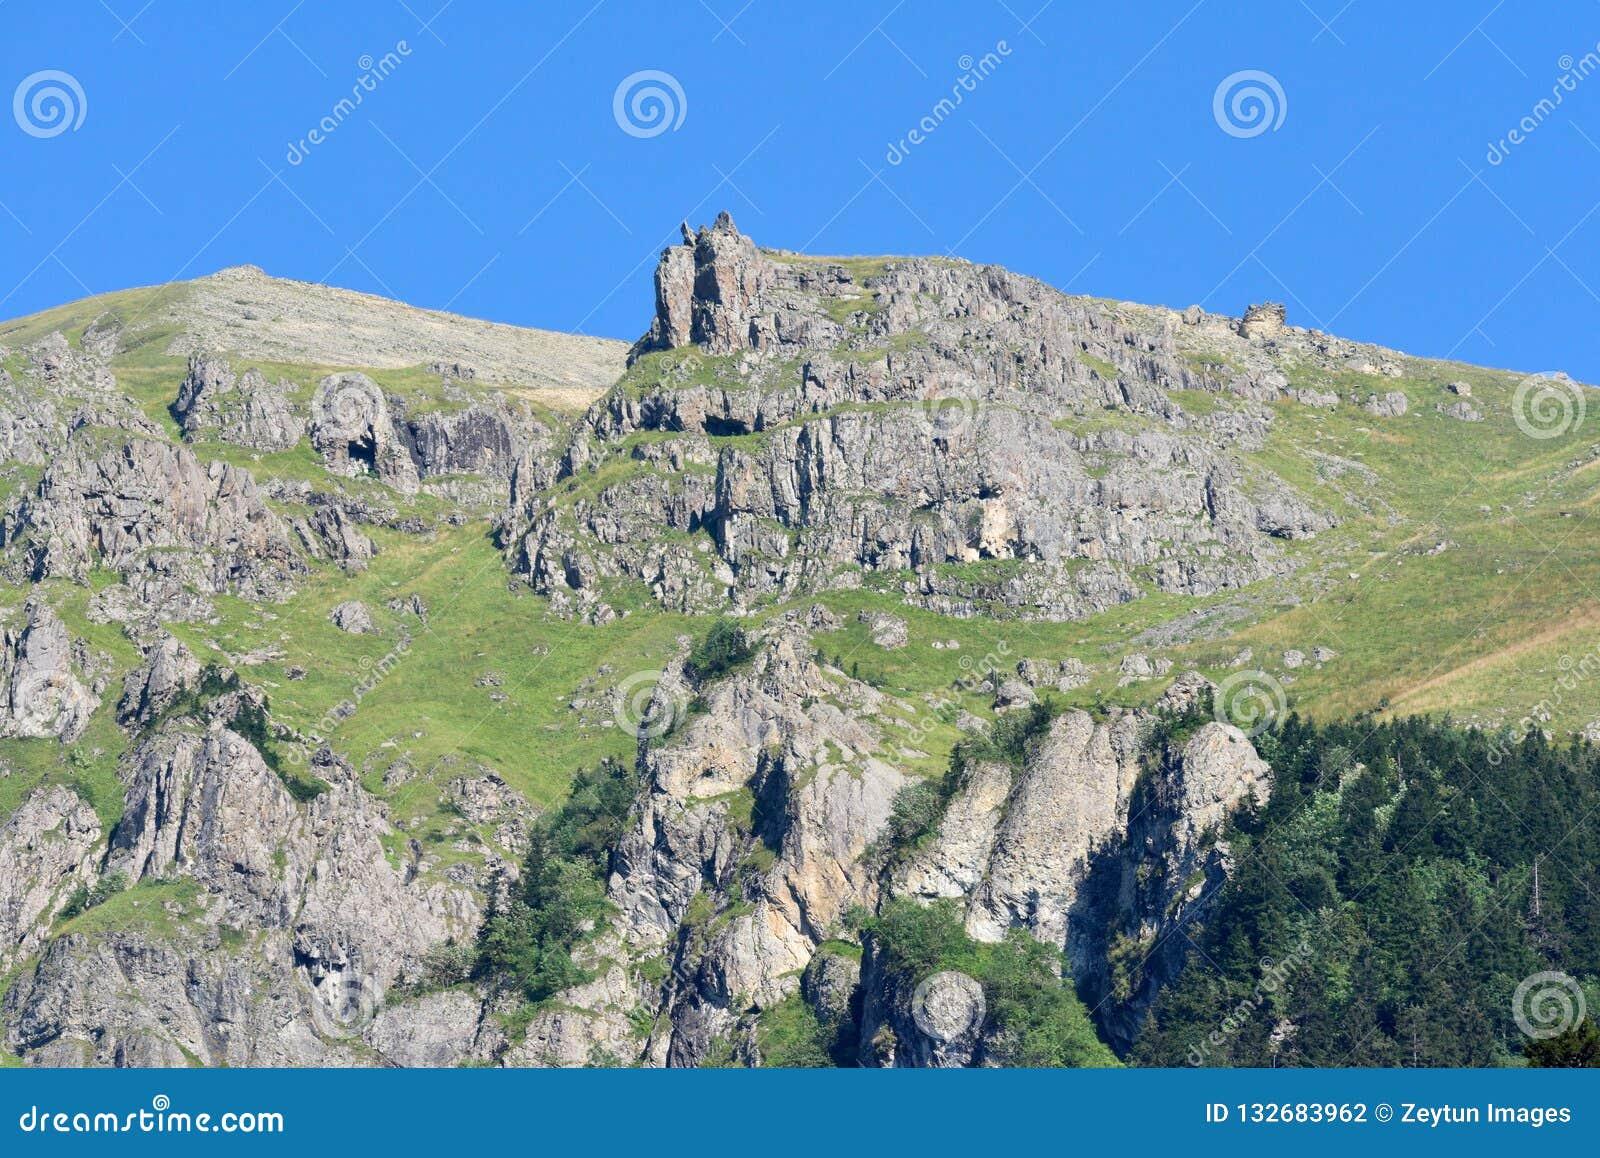 Pontic Mountains On The Black Sea Coast Of Turkey Stock Photo